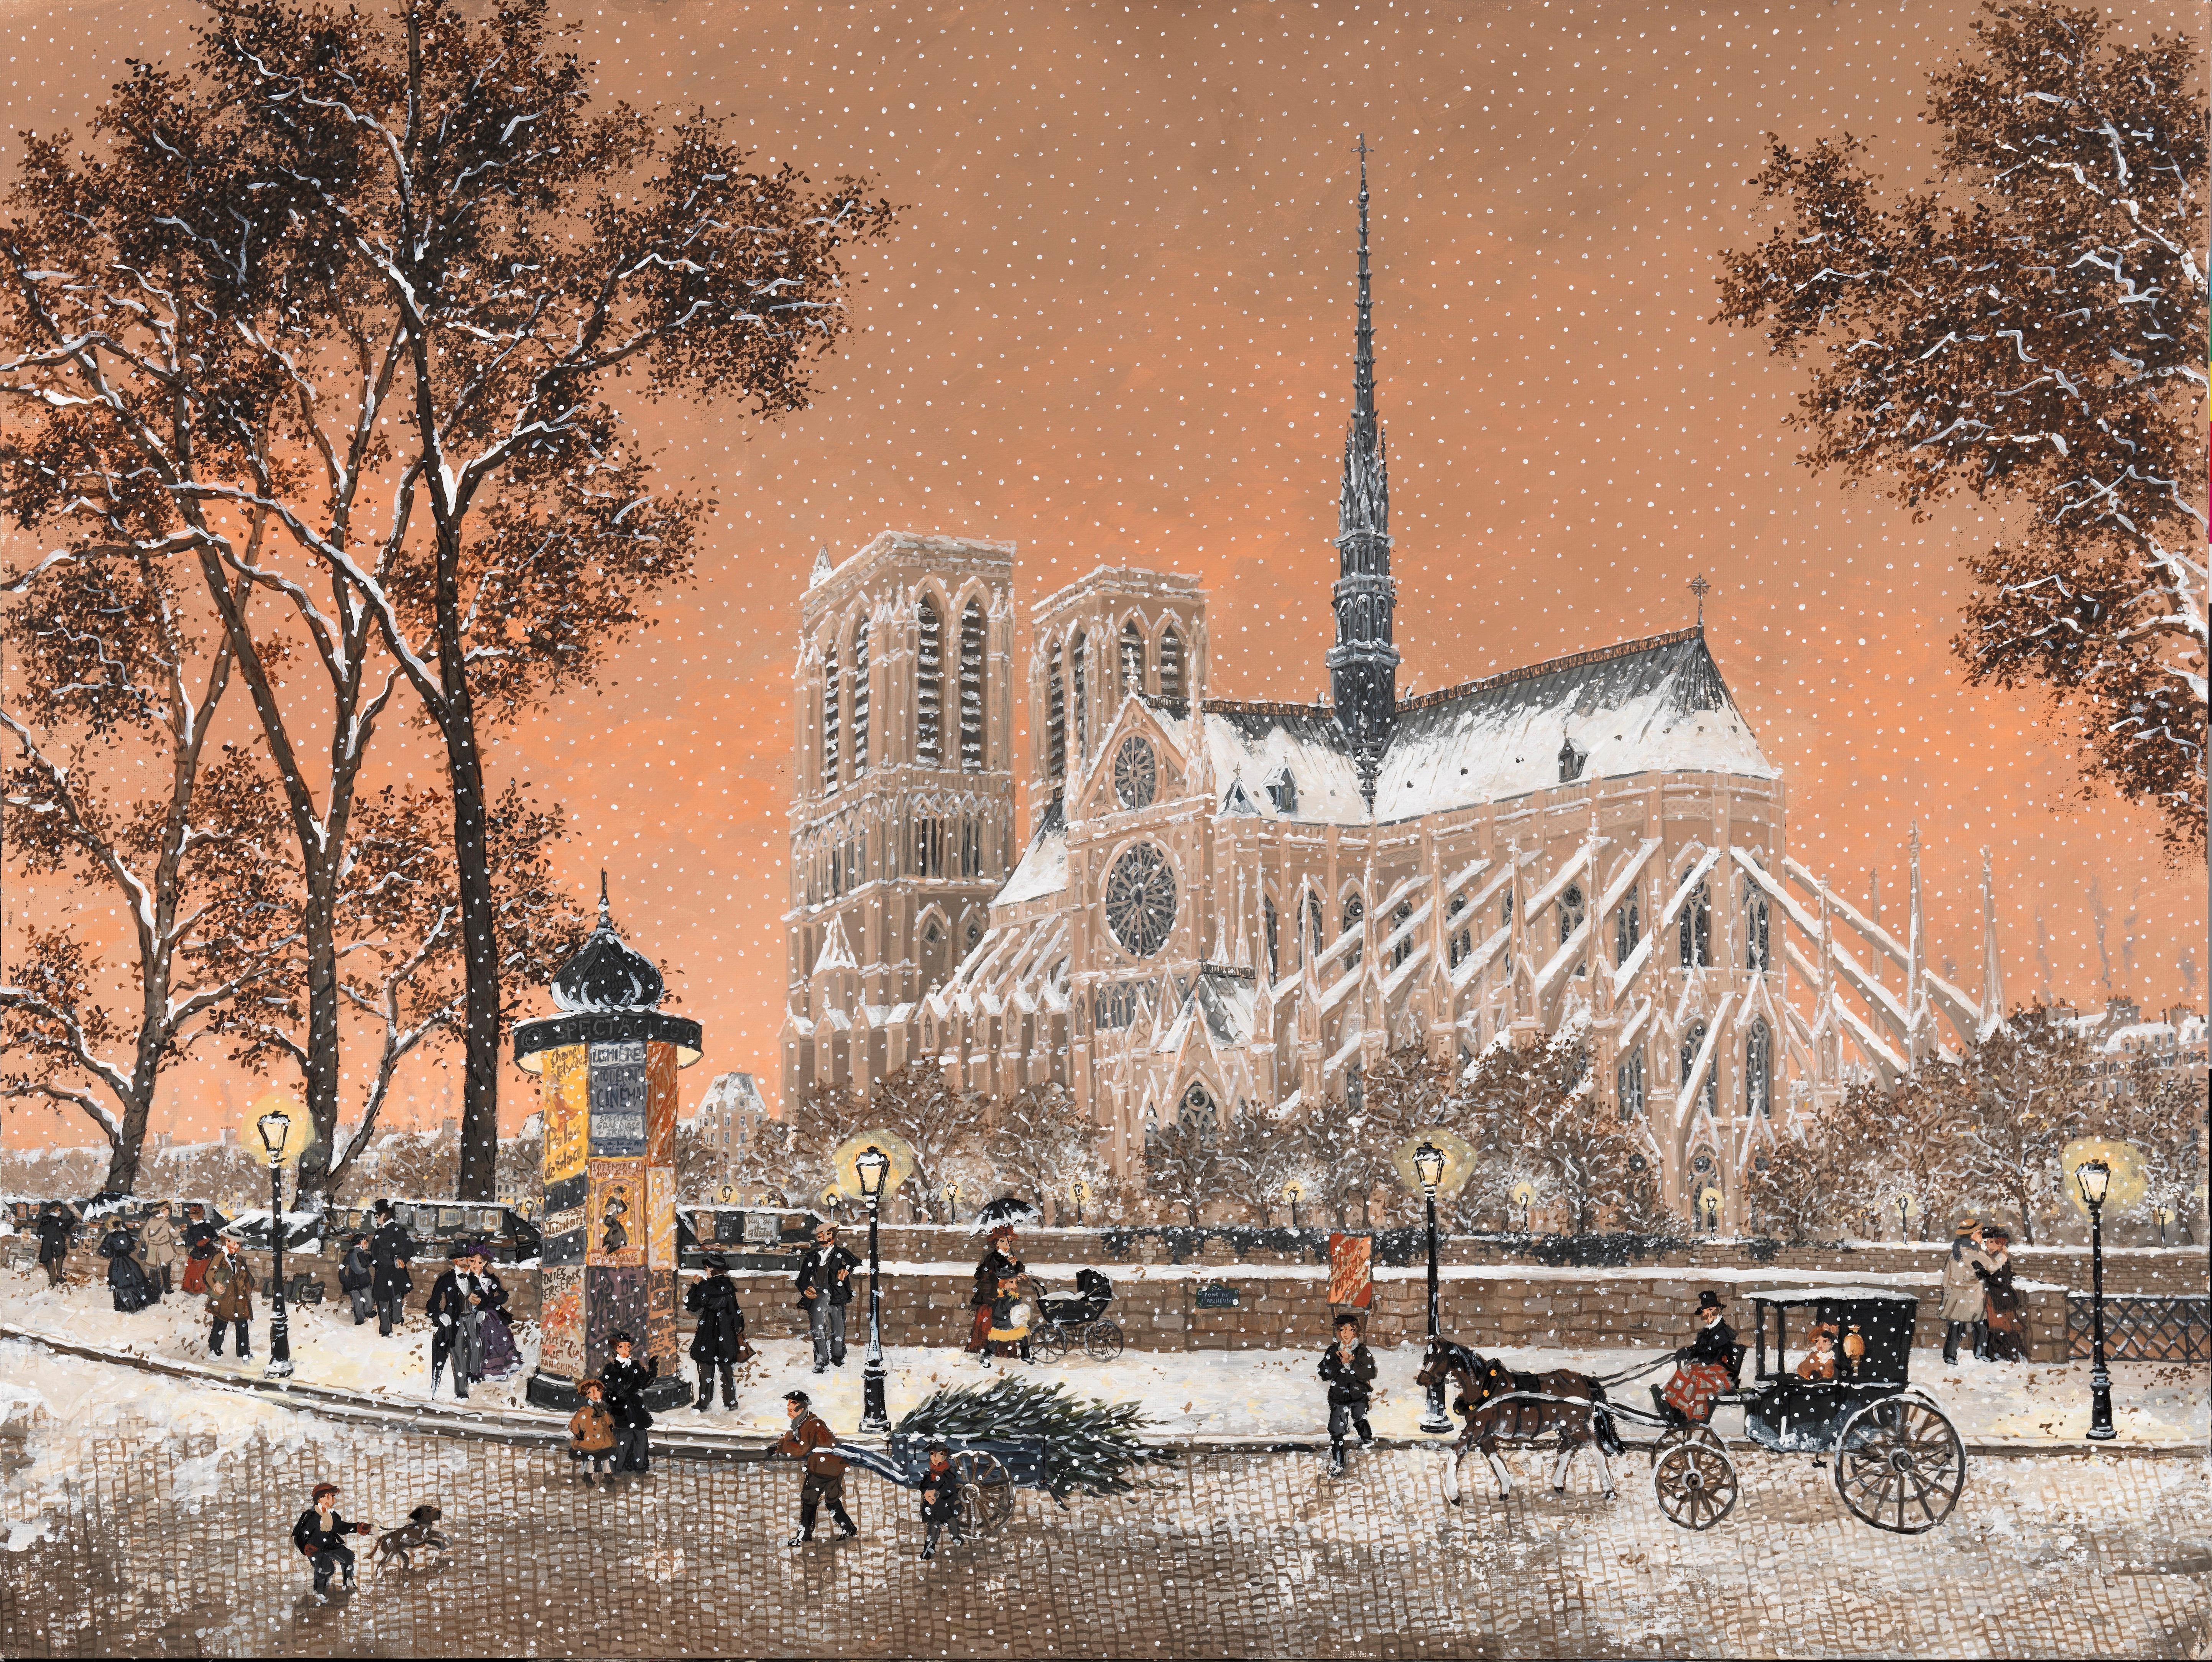 Première Neige sur Notre Dame